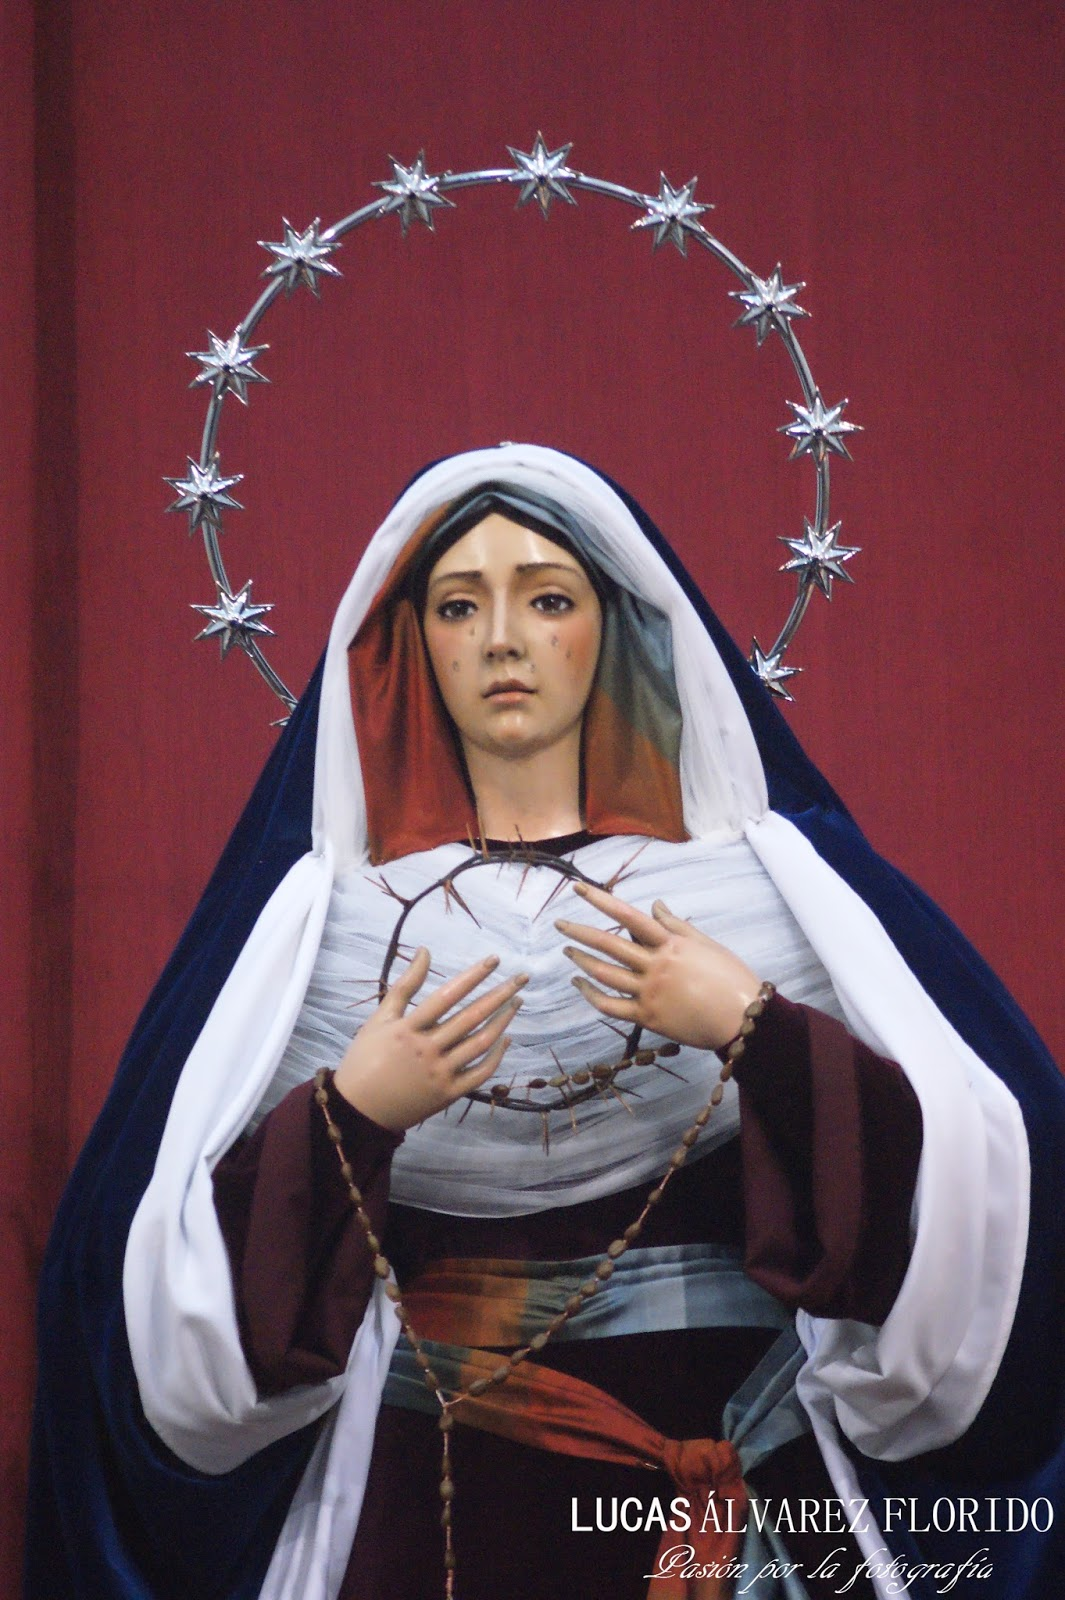 La Banda Sinfónica Julián Cerdán acompañará a la Virgen de los Dolores de la Barca en su procesión Extraordinaria